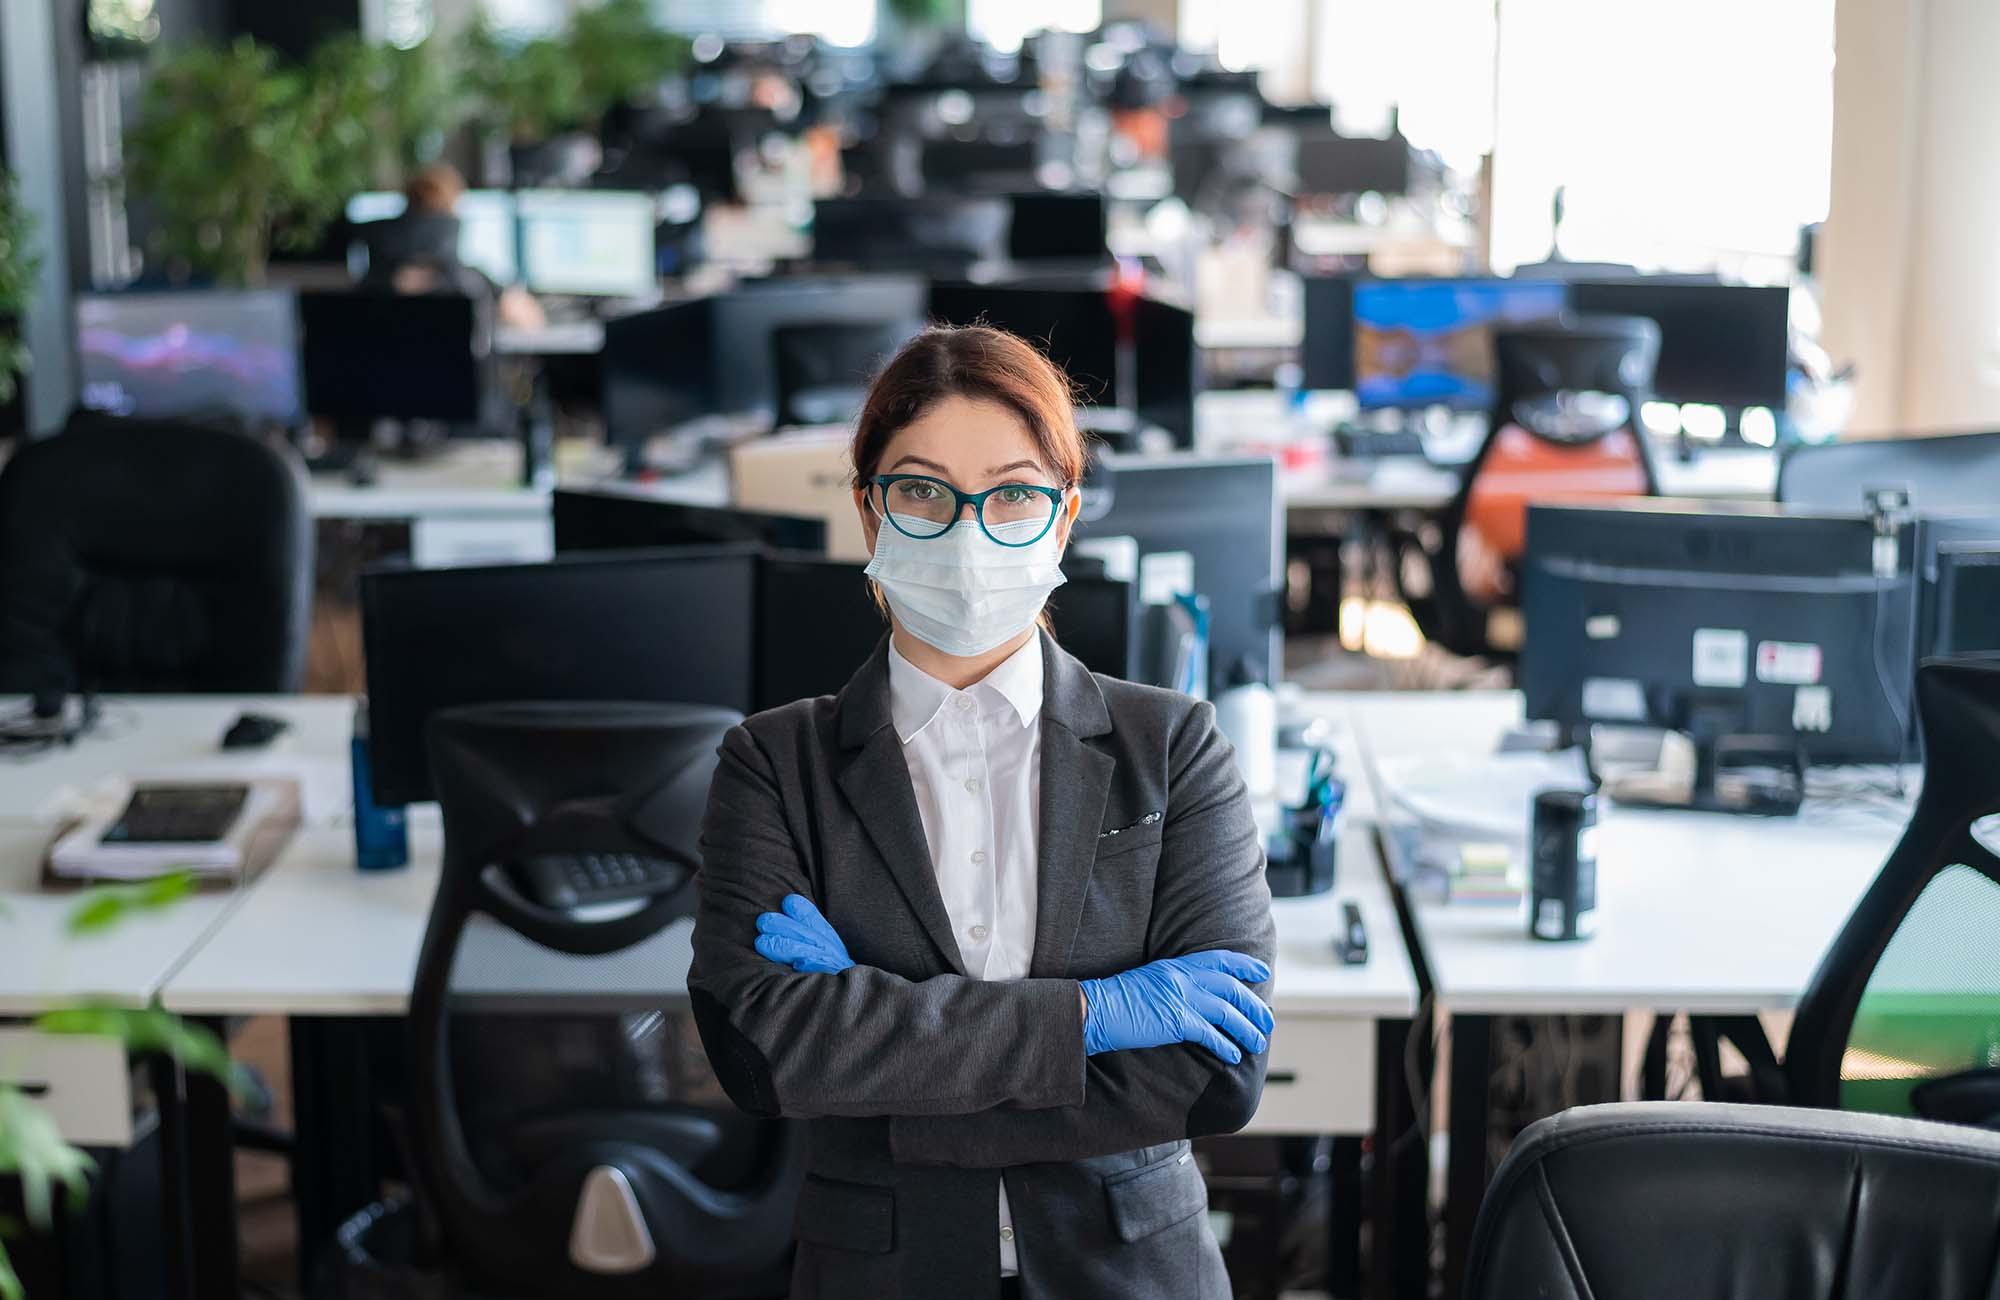 Filtragem de ar - cuidados essenciais